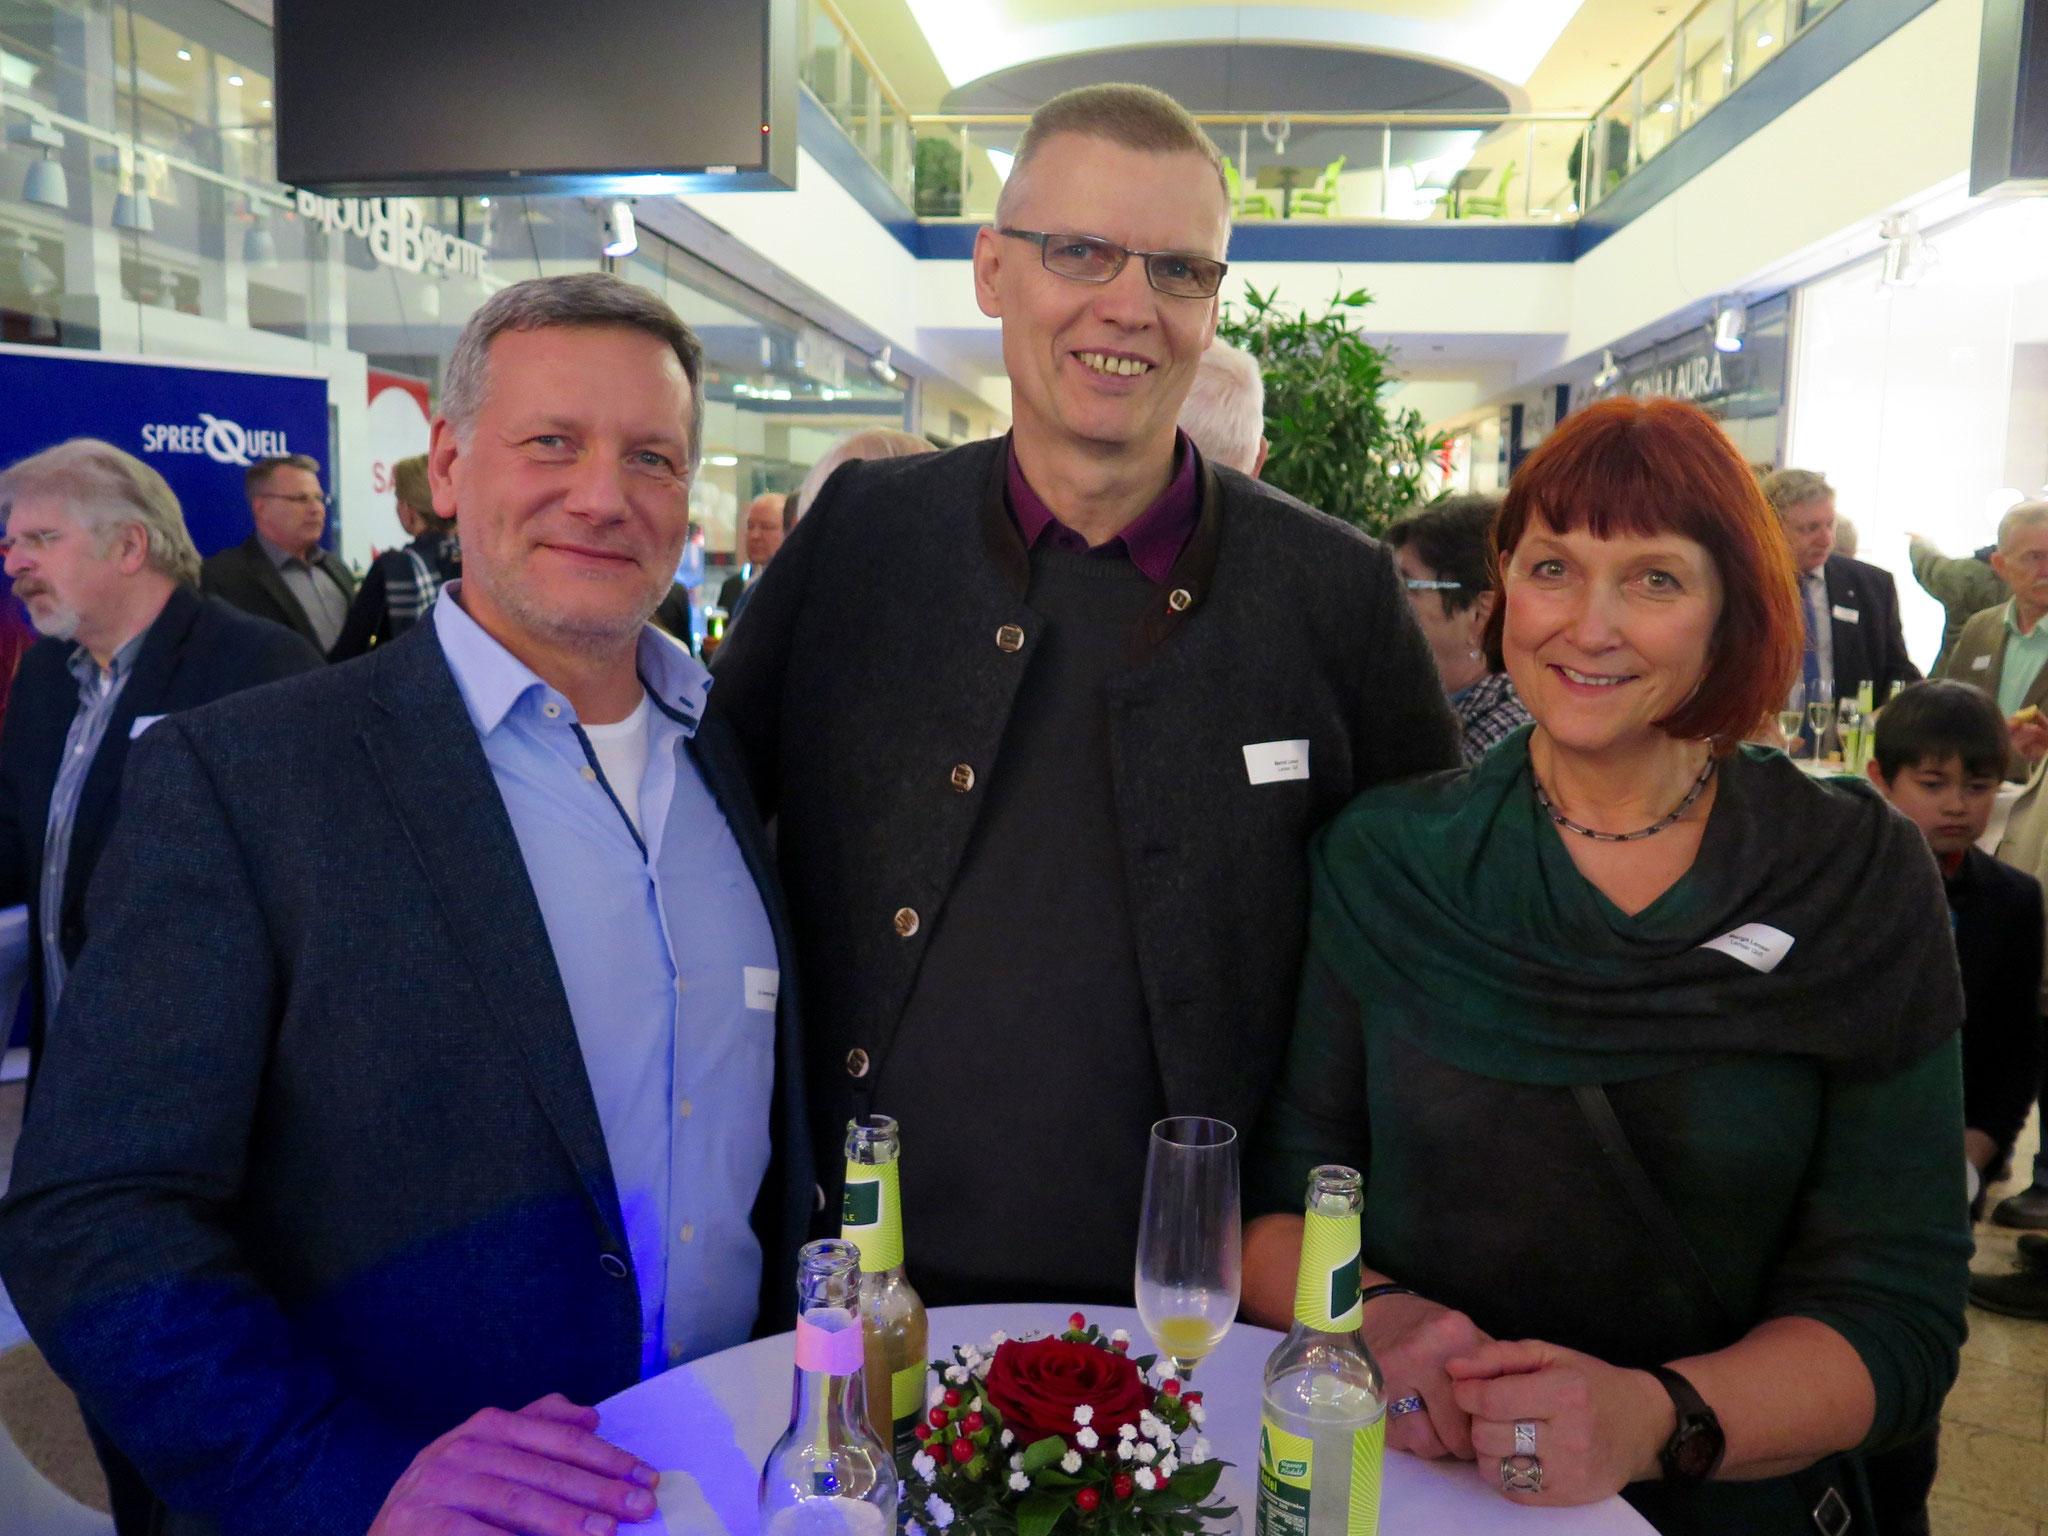 Dr. Karsten Raasch, Facharzt für Arbeitsmedizin, mit Bernd und Margit Lenser (beide Lenser GbR)